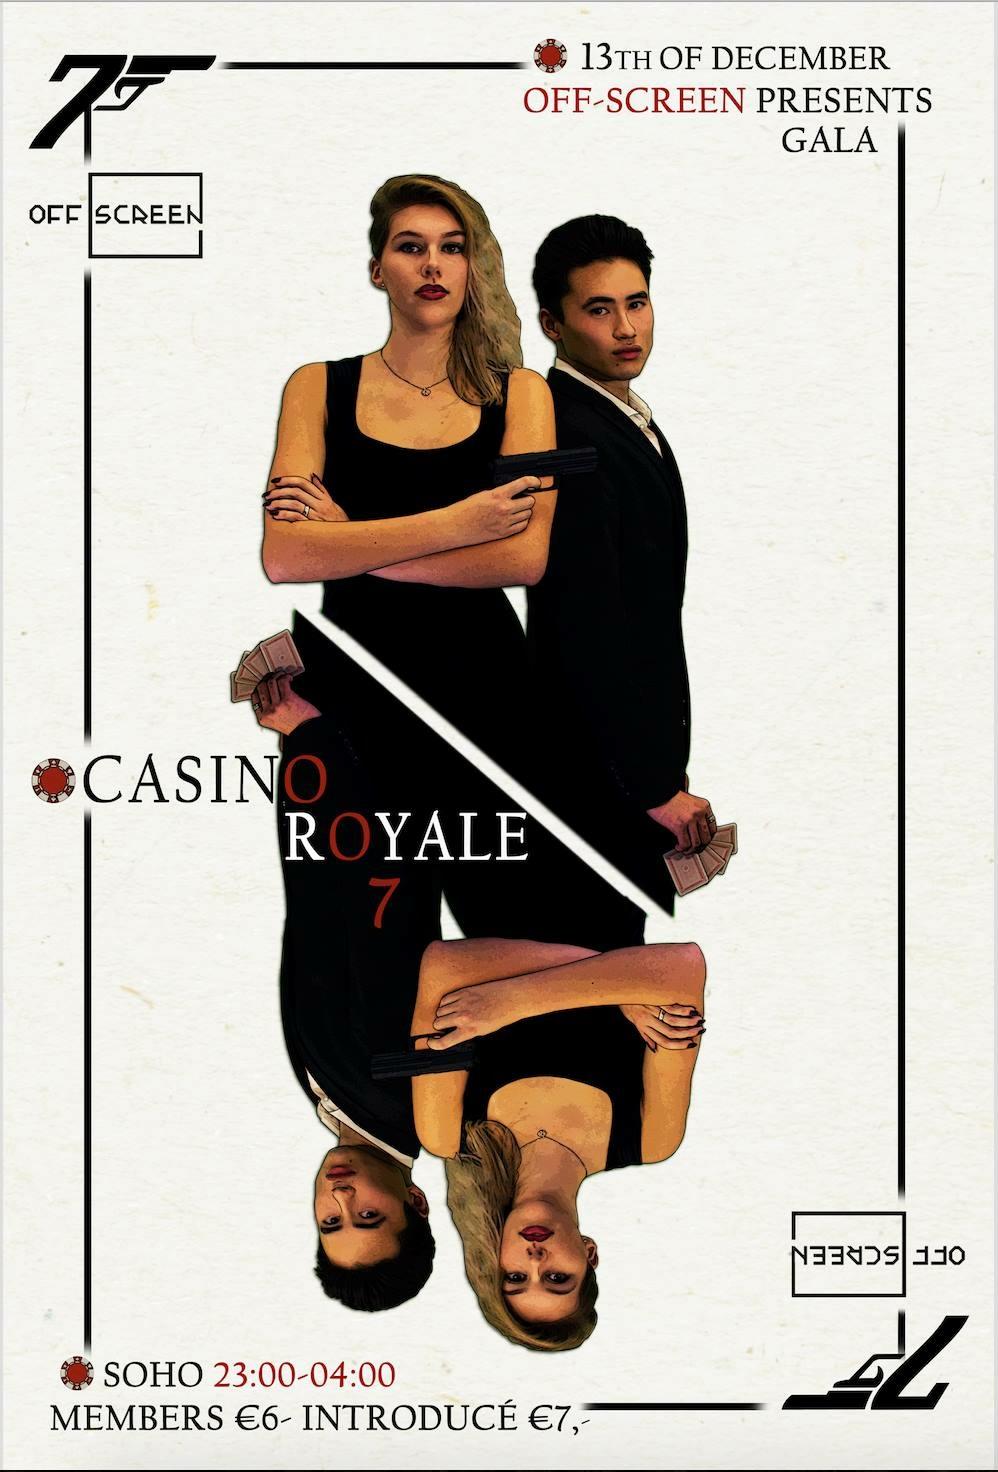 007 casino roial